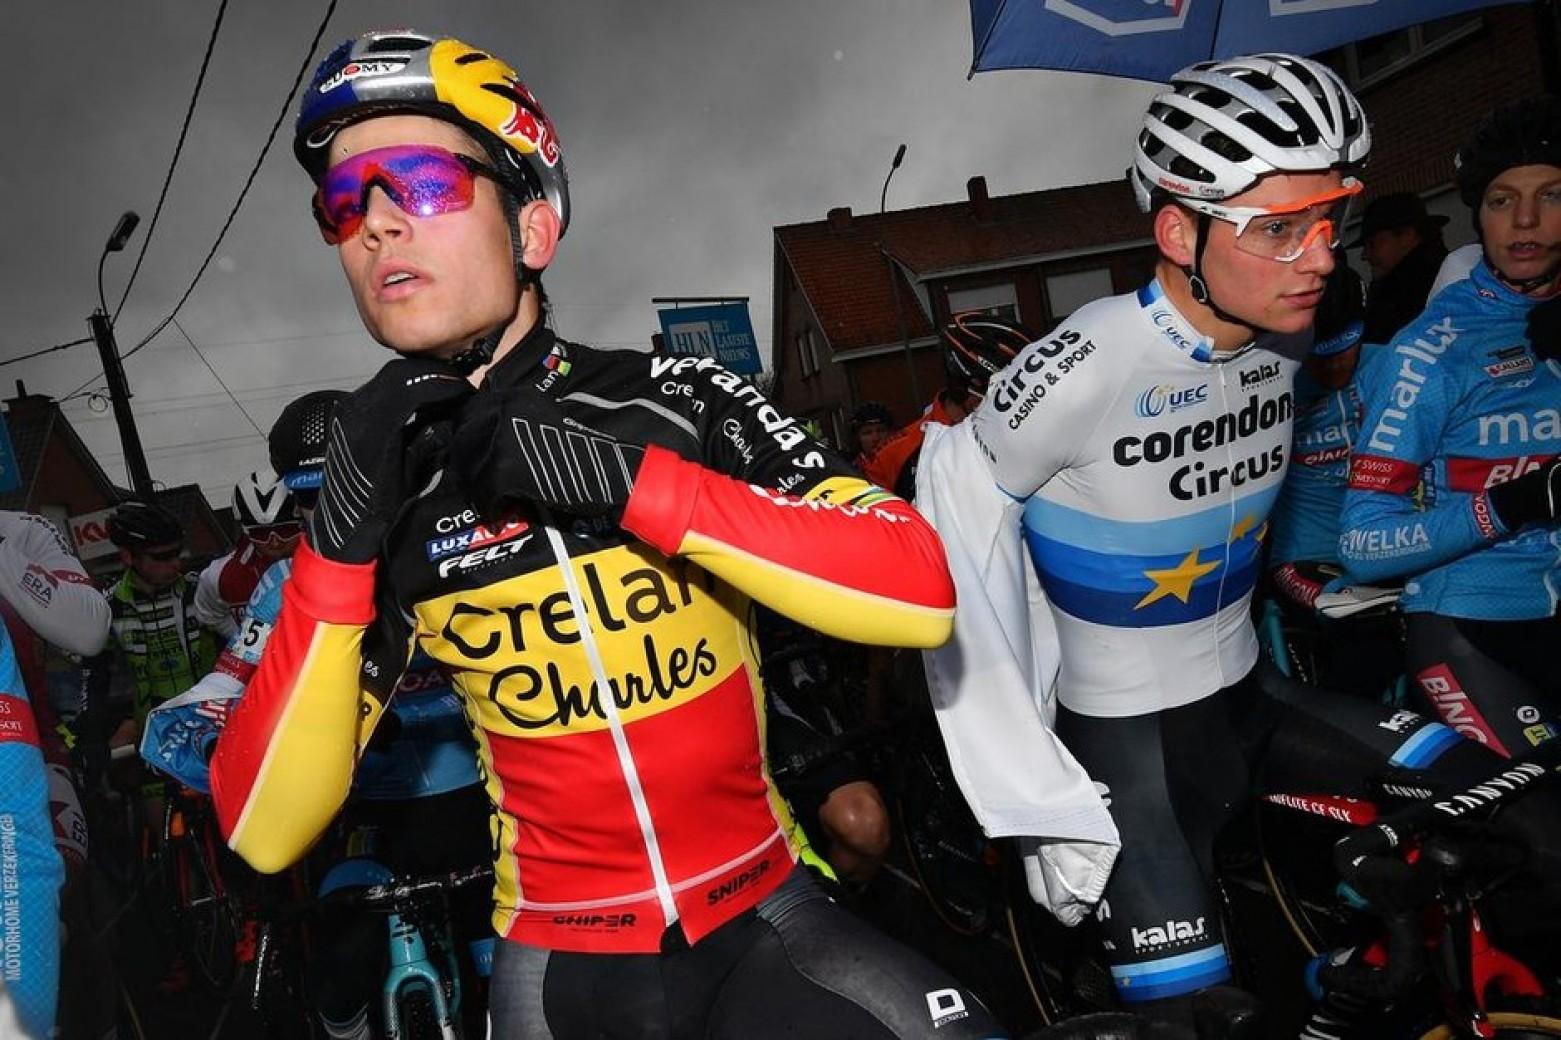 tour-flandes-van-der-poel-van-aert/